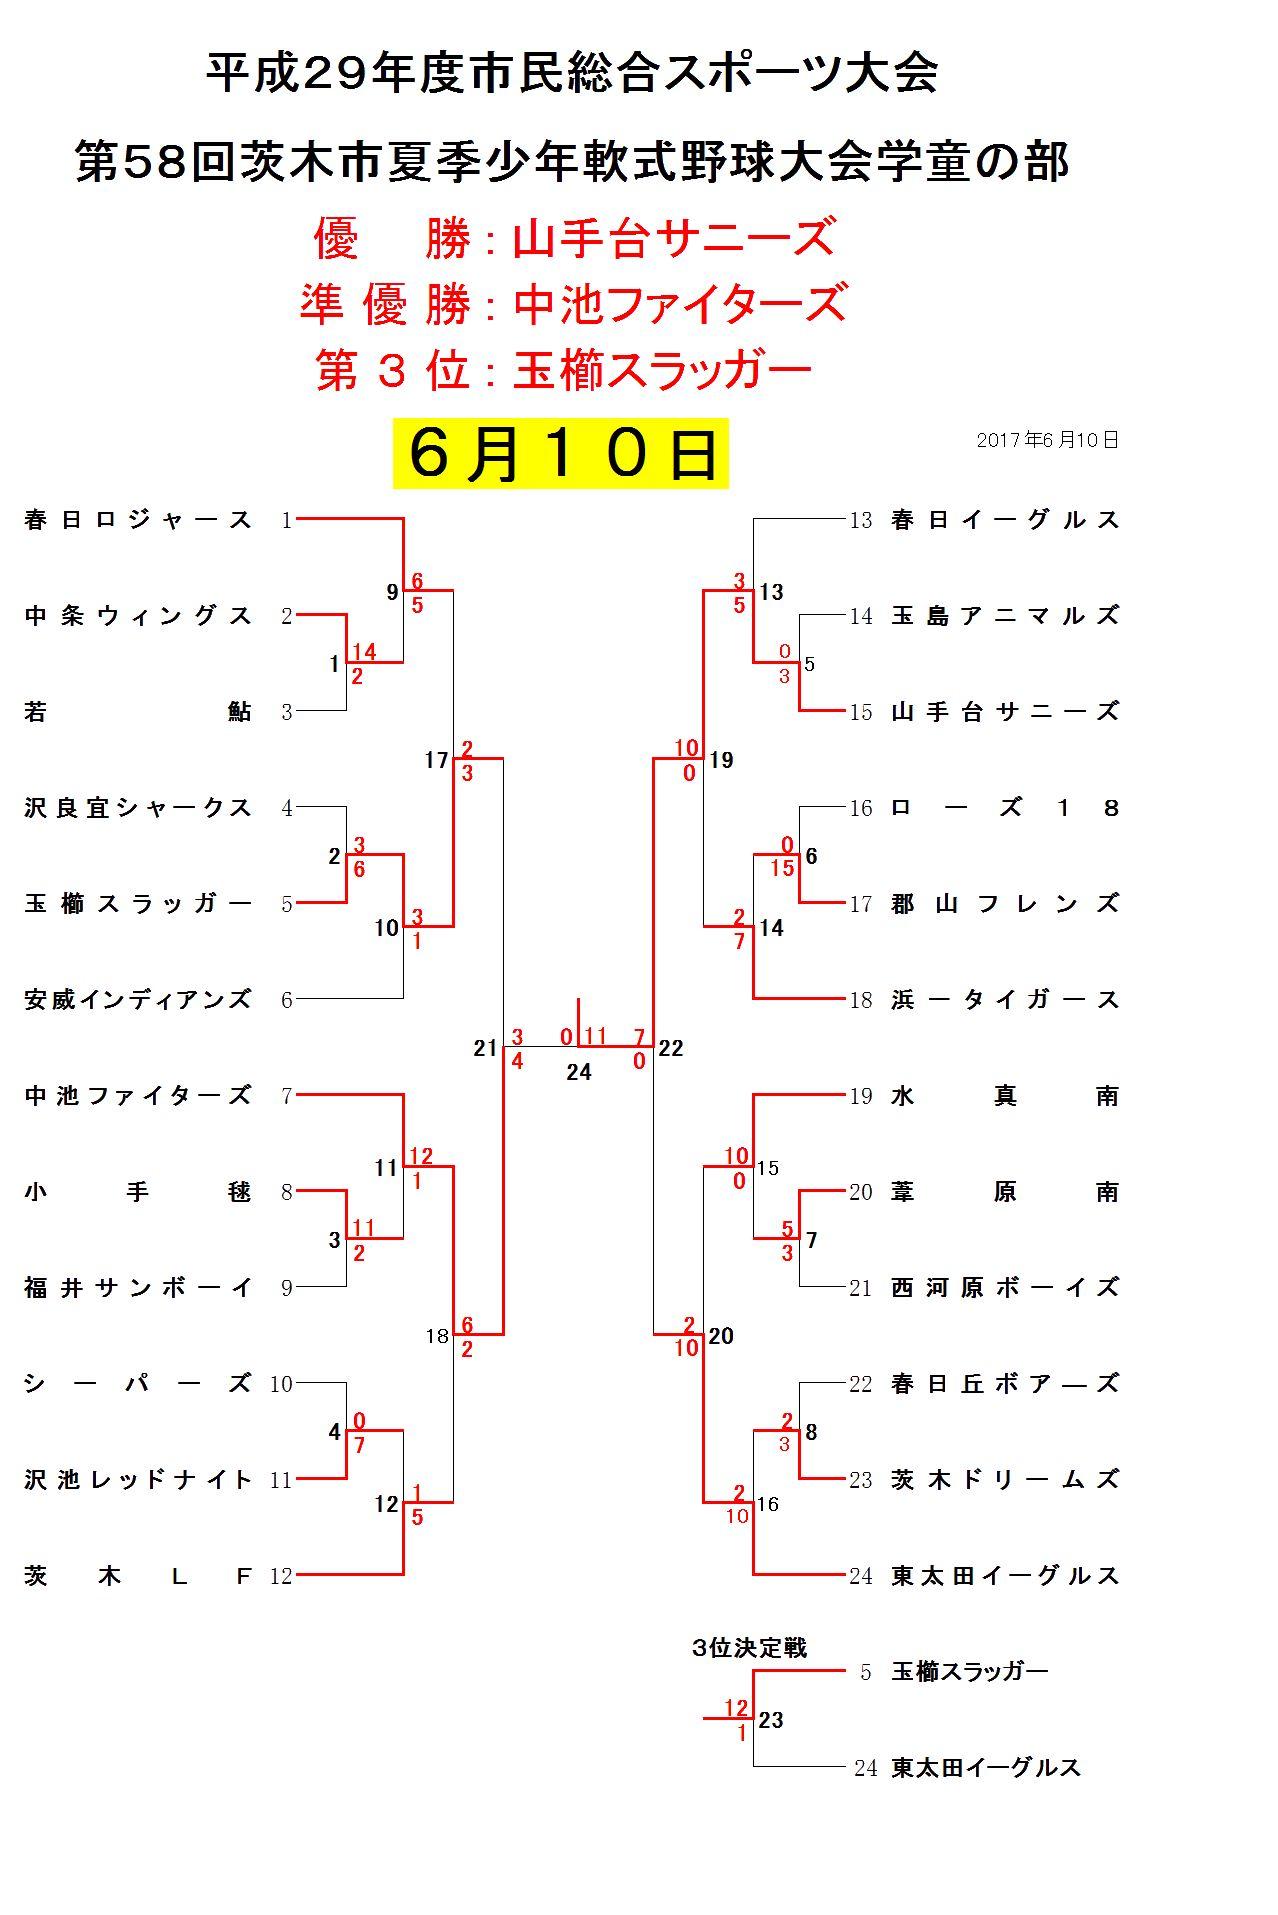 6月10日試合結果 学童夏季大会